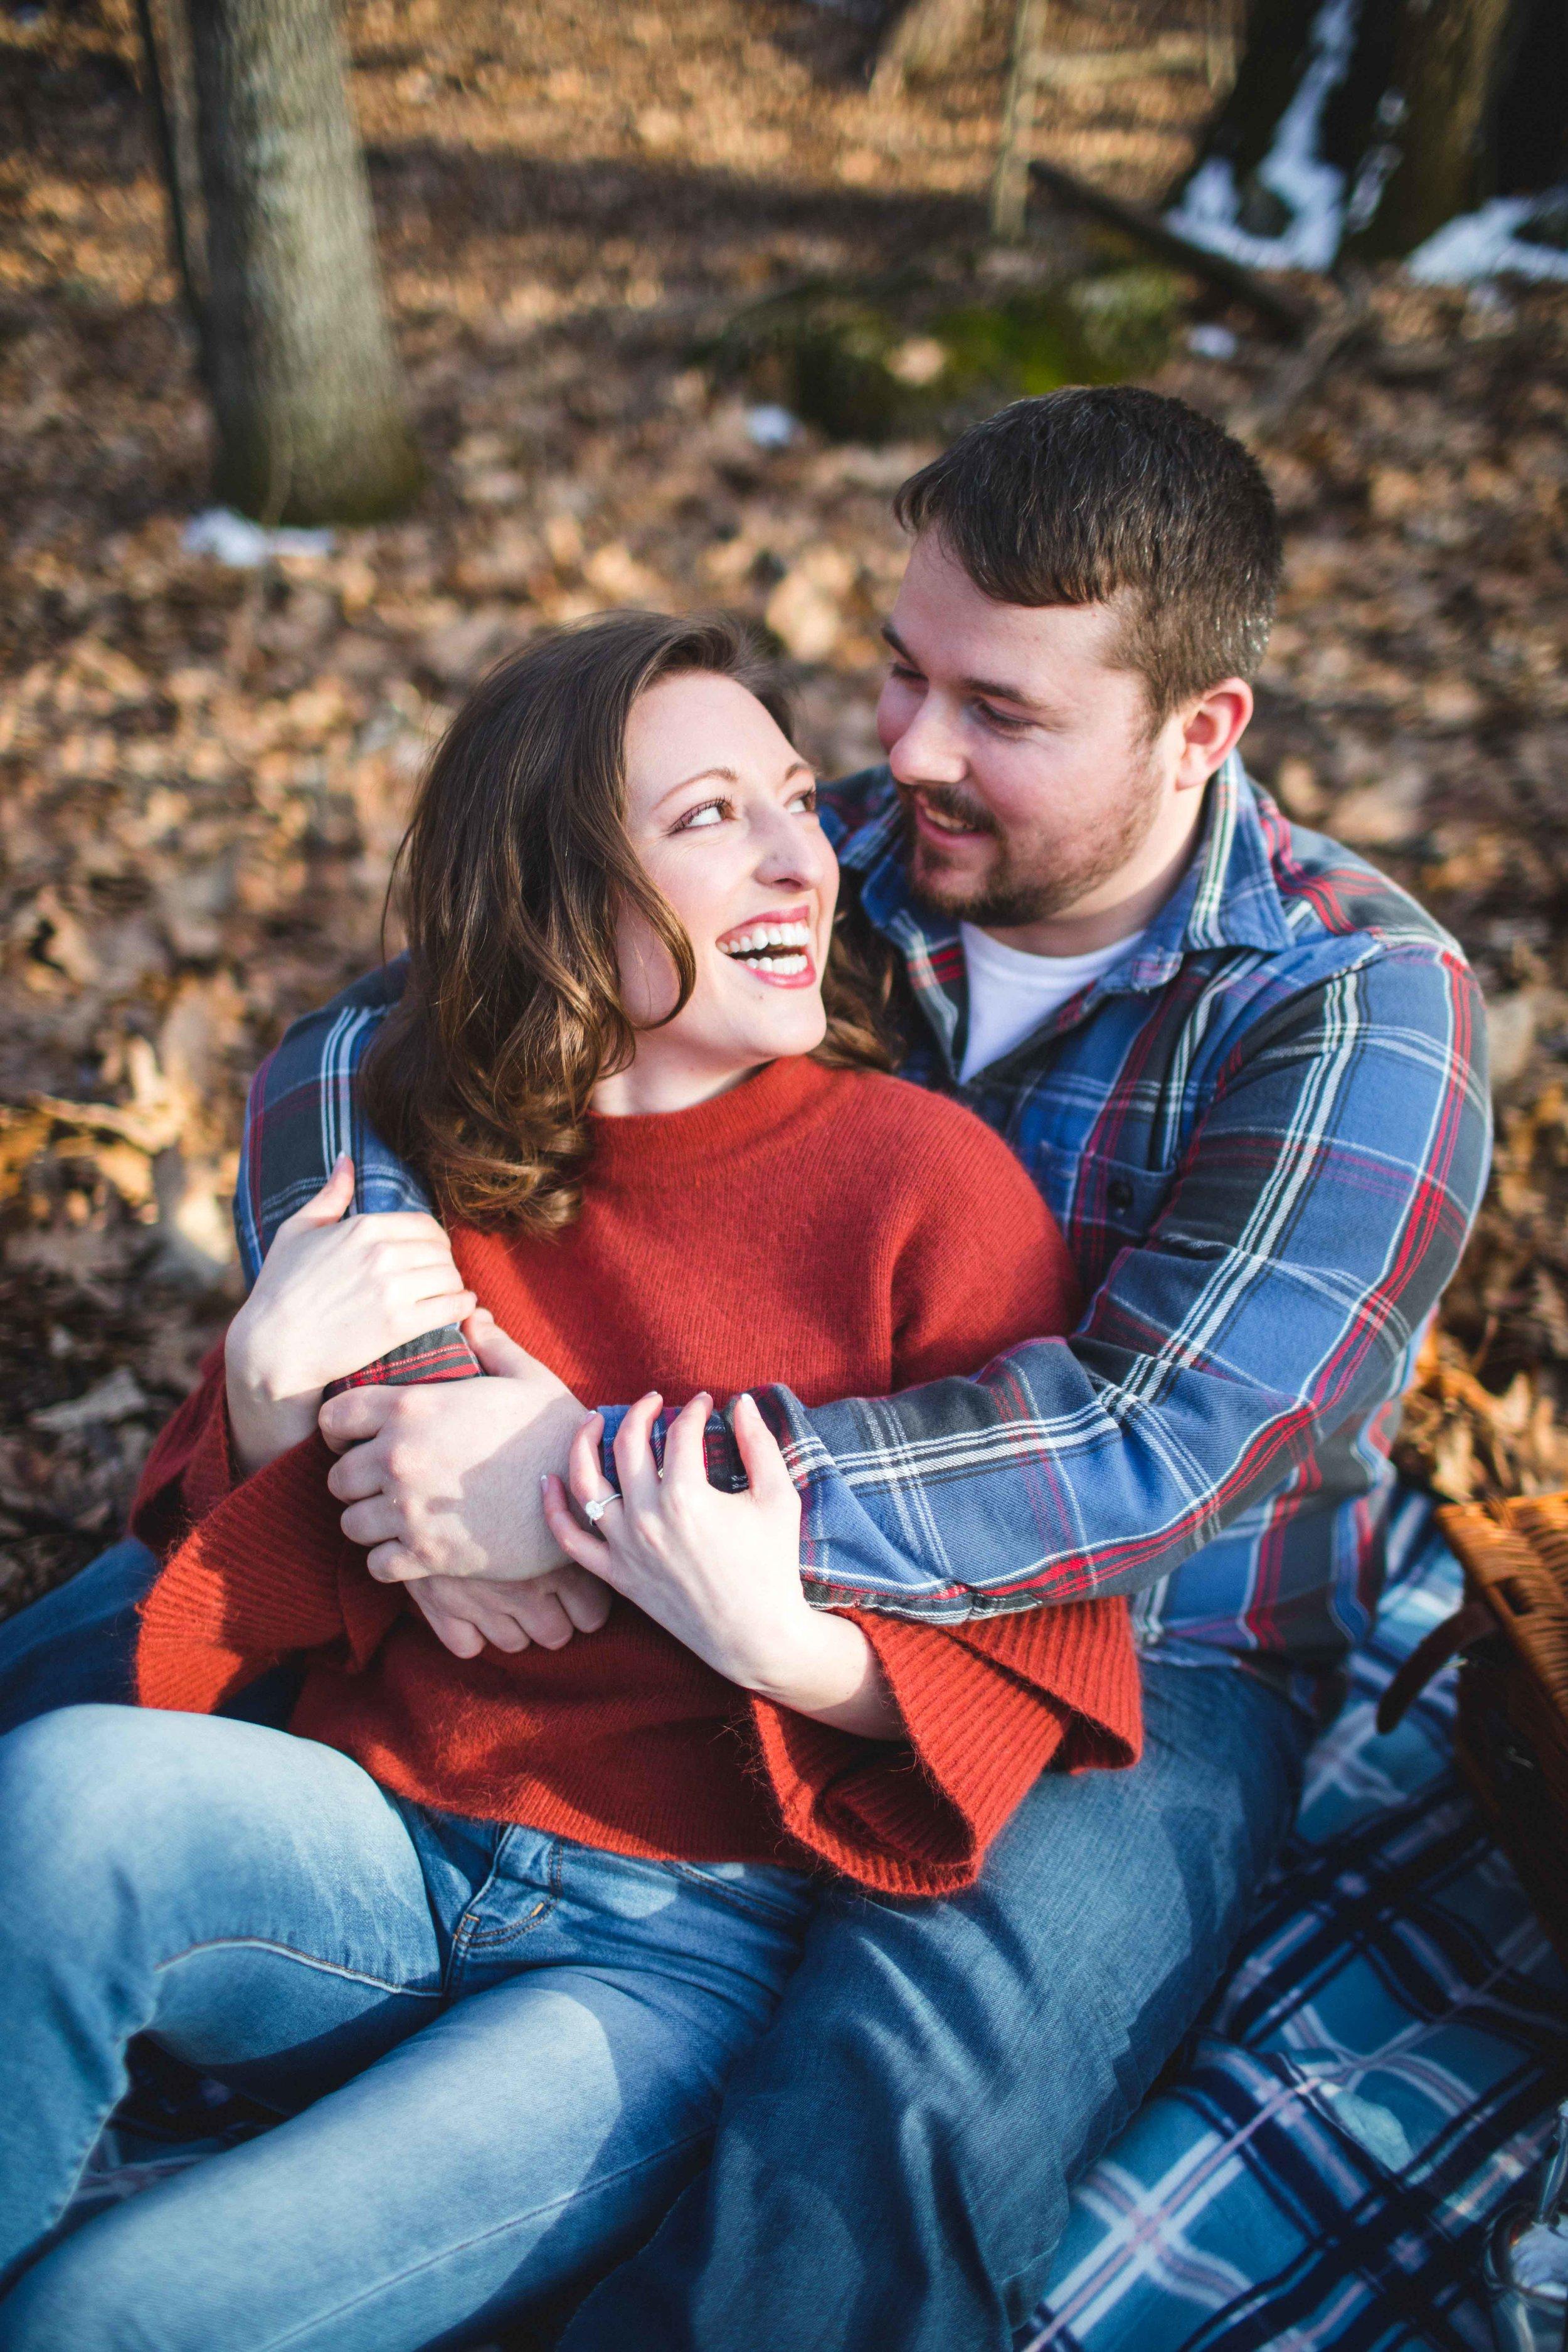 shenandoah-national-park-engagement-shenandoah-wedding-photographer-5.jpg